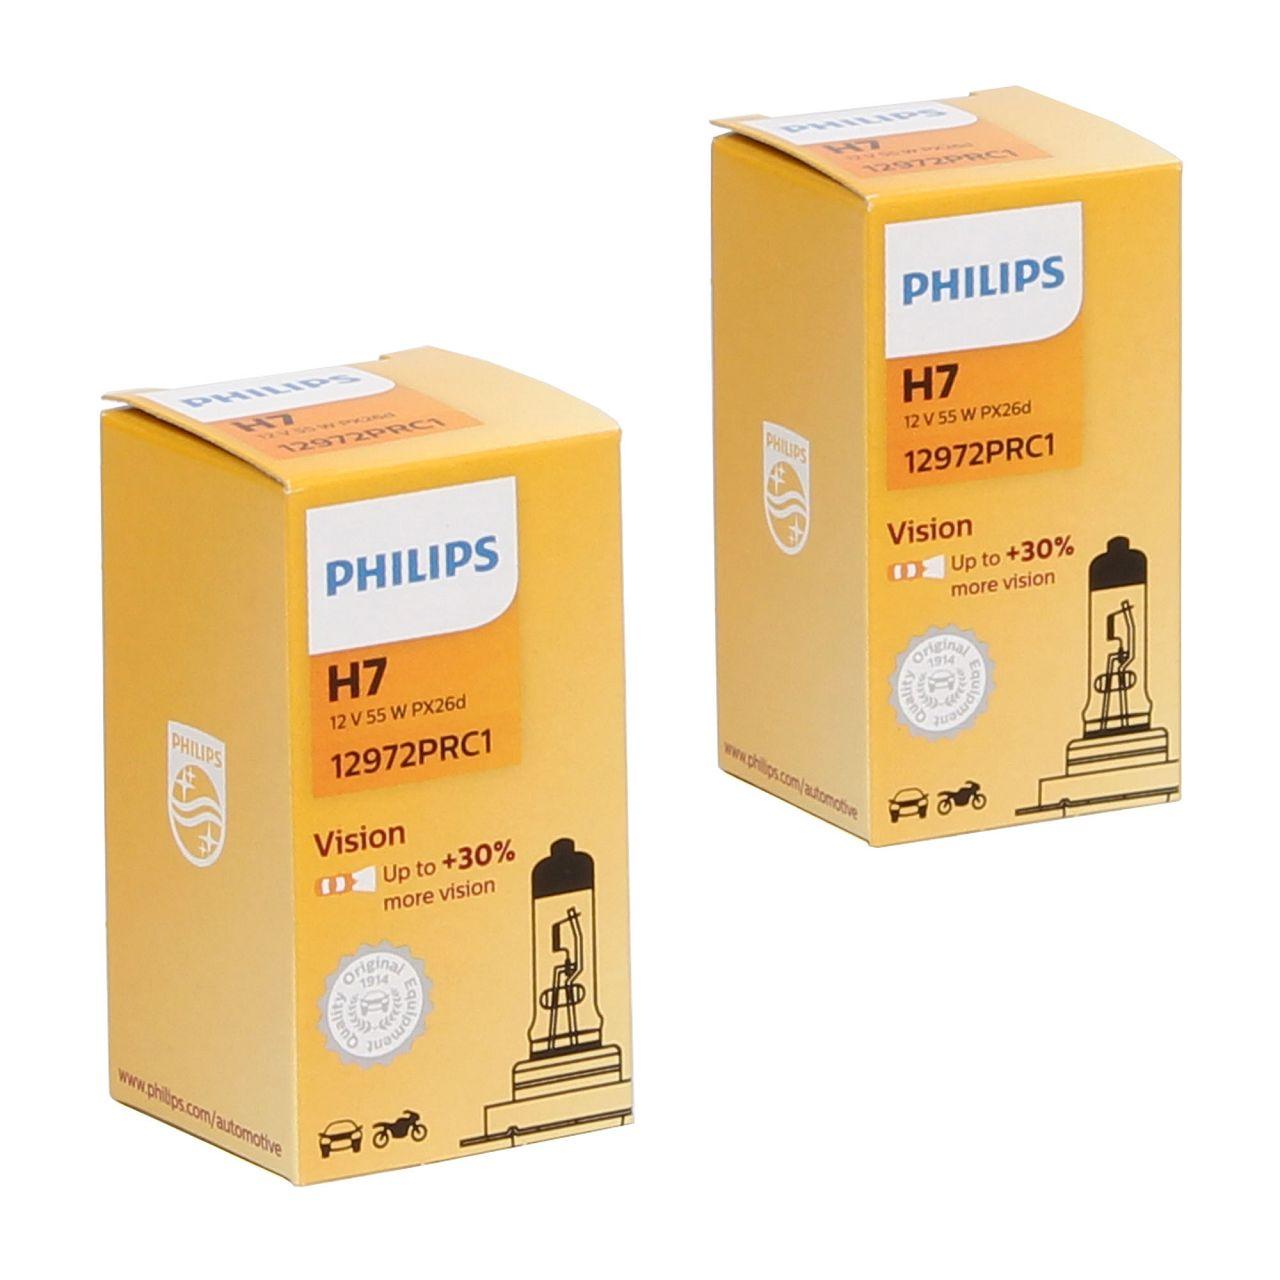 2x PHILIPS 12972PRC1 Halogenlampe Glühlampe H7 VISION +30% 12V 55W PX26d